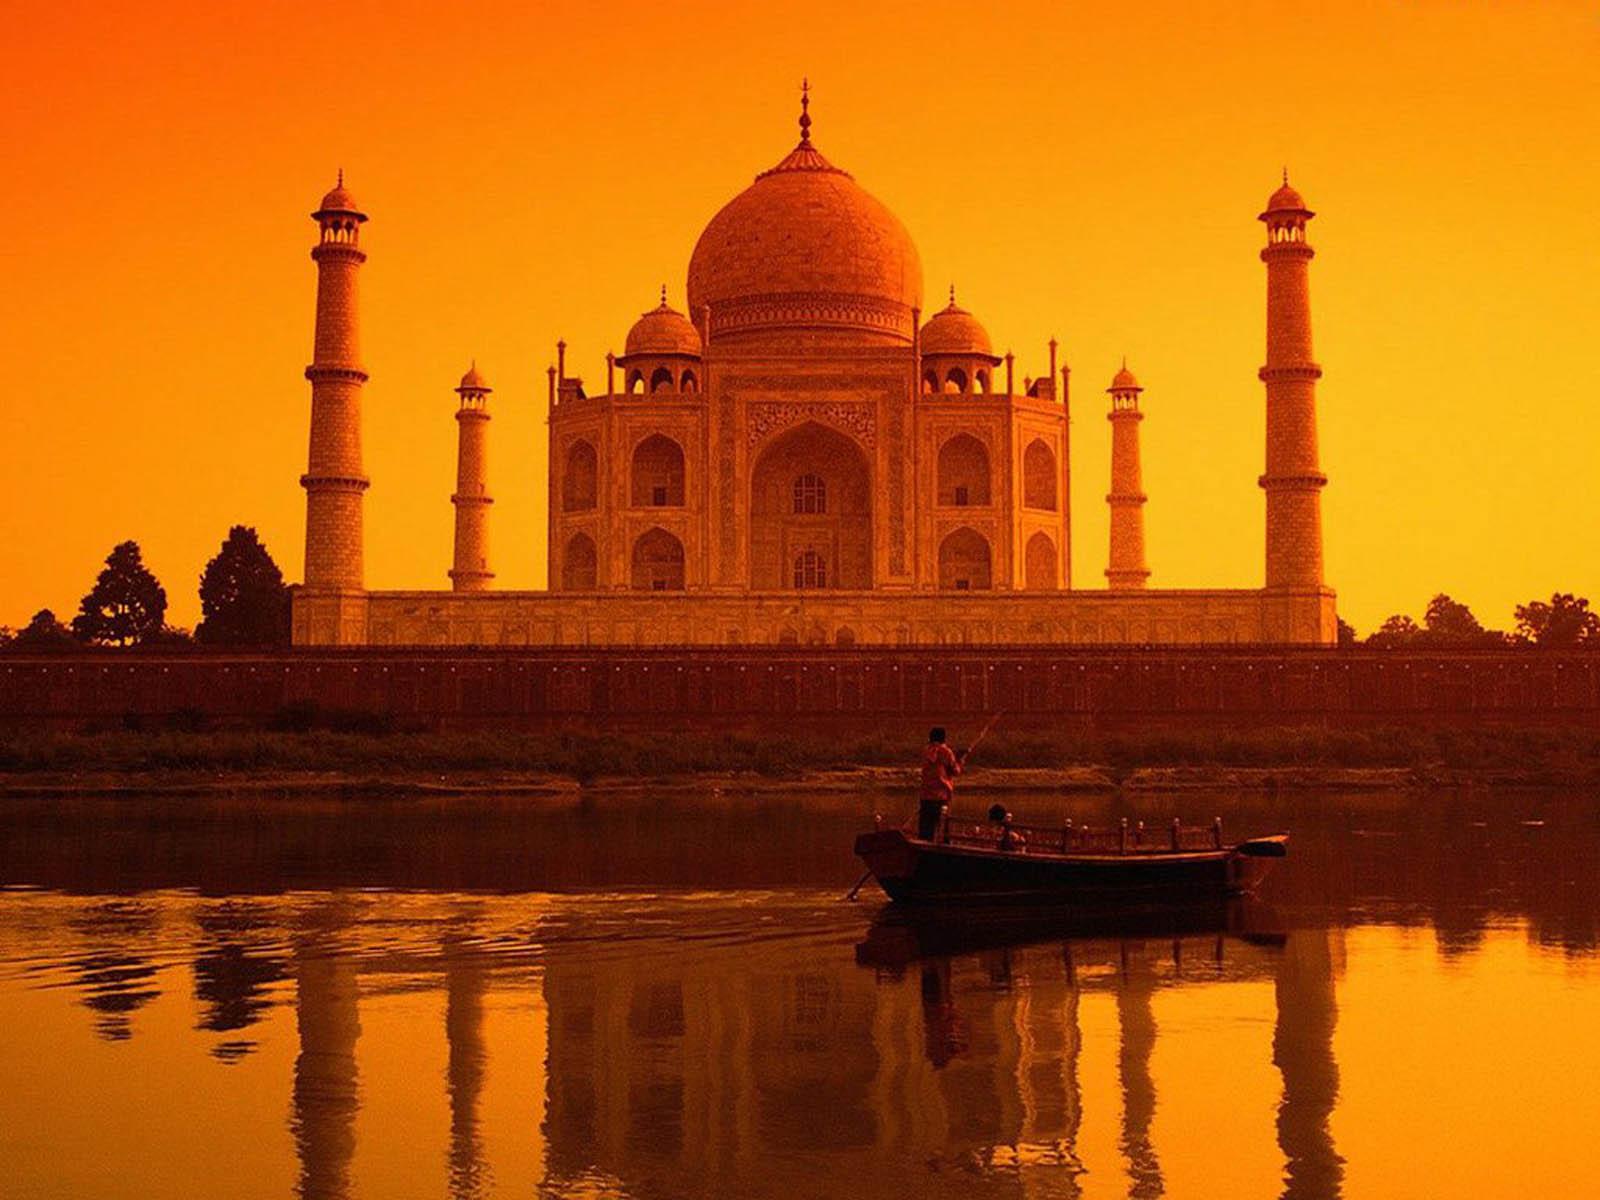 Taj Mahal Wallpapers Wallpaper Blog